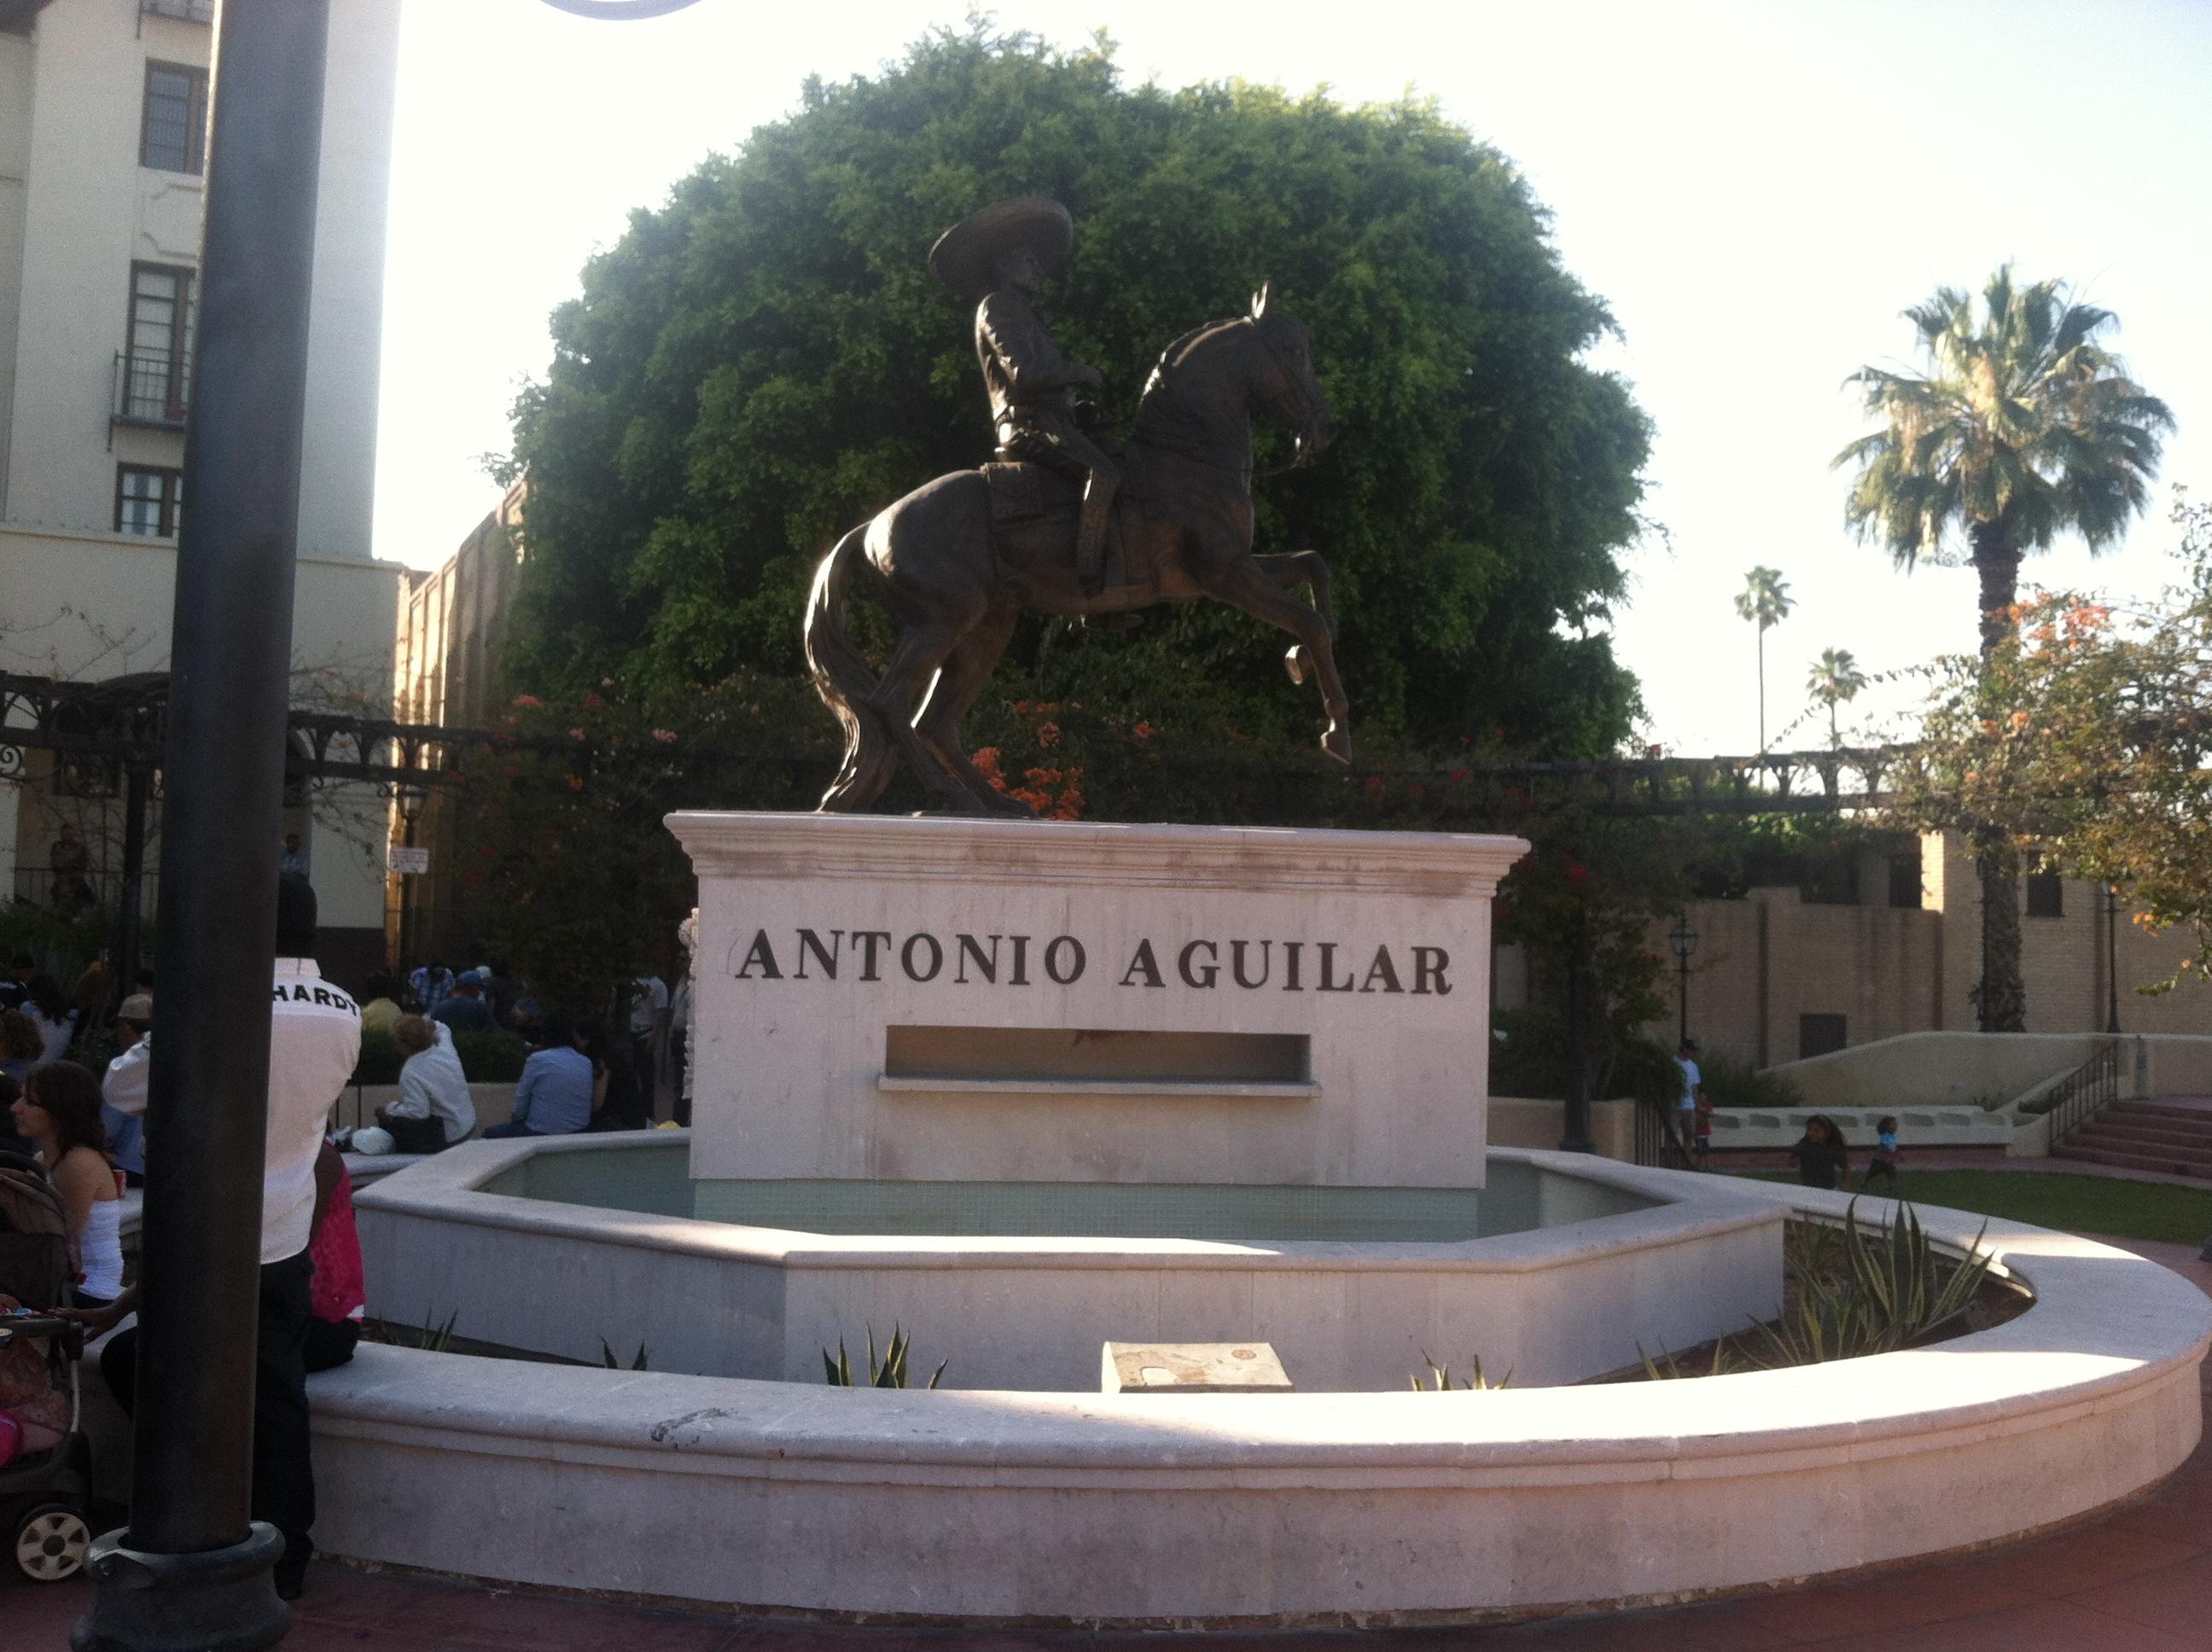 Estatua a caballo en La Placita Olvera de Los Angeles, CA. USA